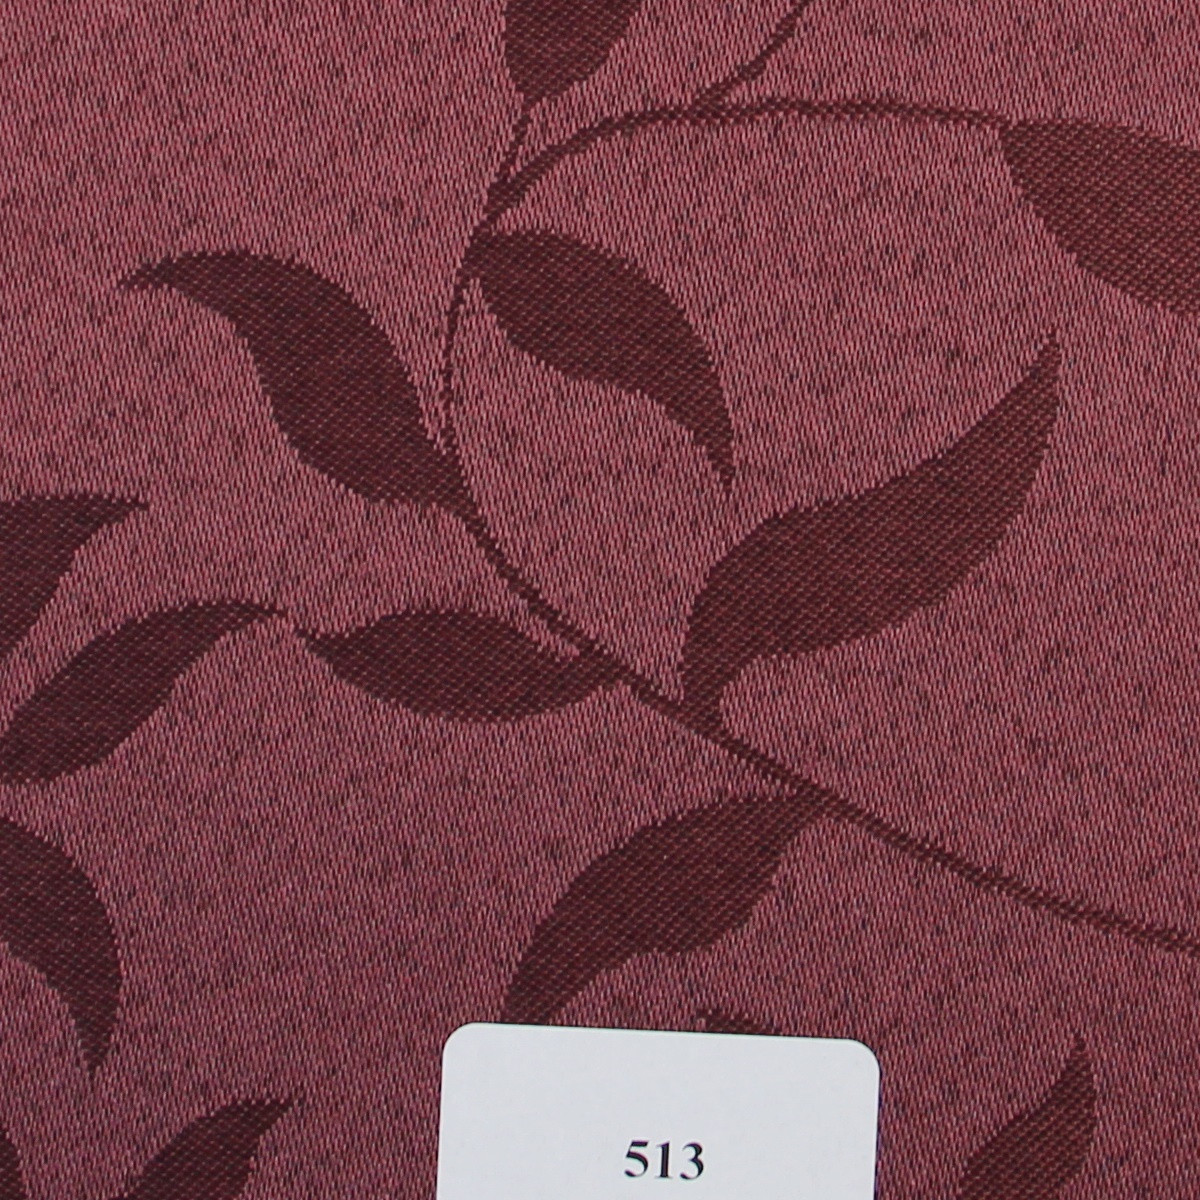 Рулонные шторы Ткань Натура 513 Баклажановый